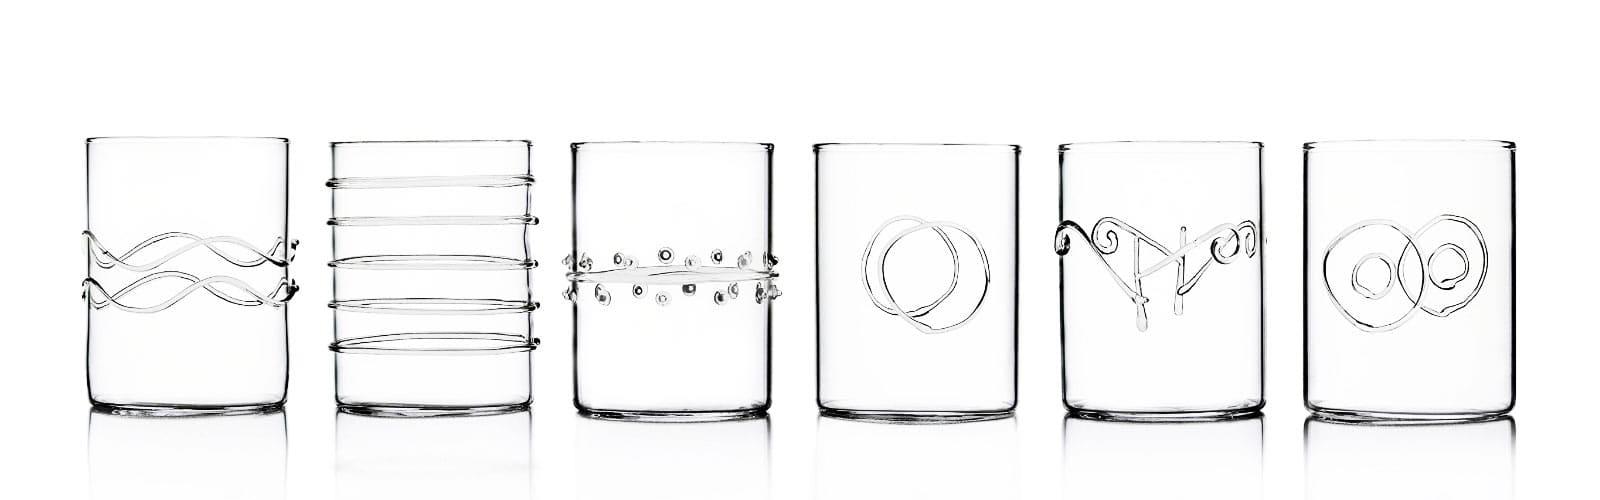 Ichendorf cristallo sercizi bicchieri complementi d'arredo vasi trasparenti vasi colorati oliere in borosilicato